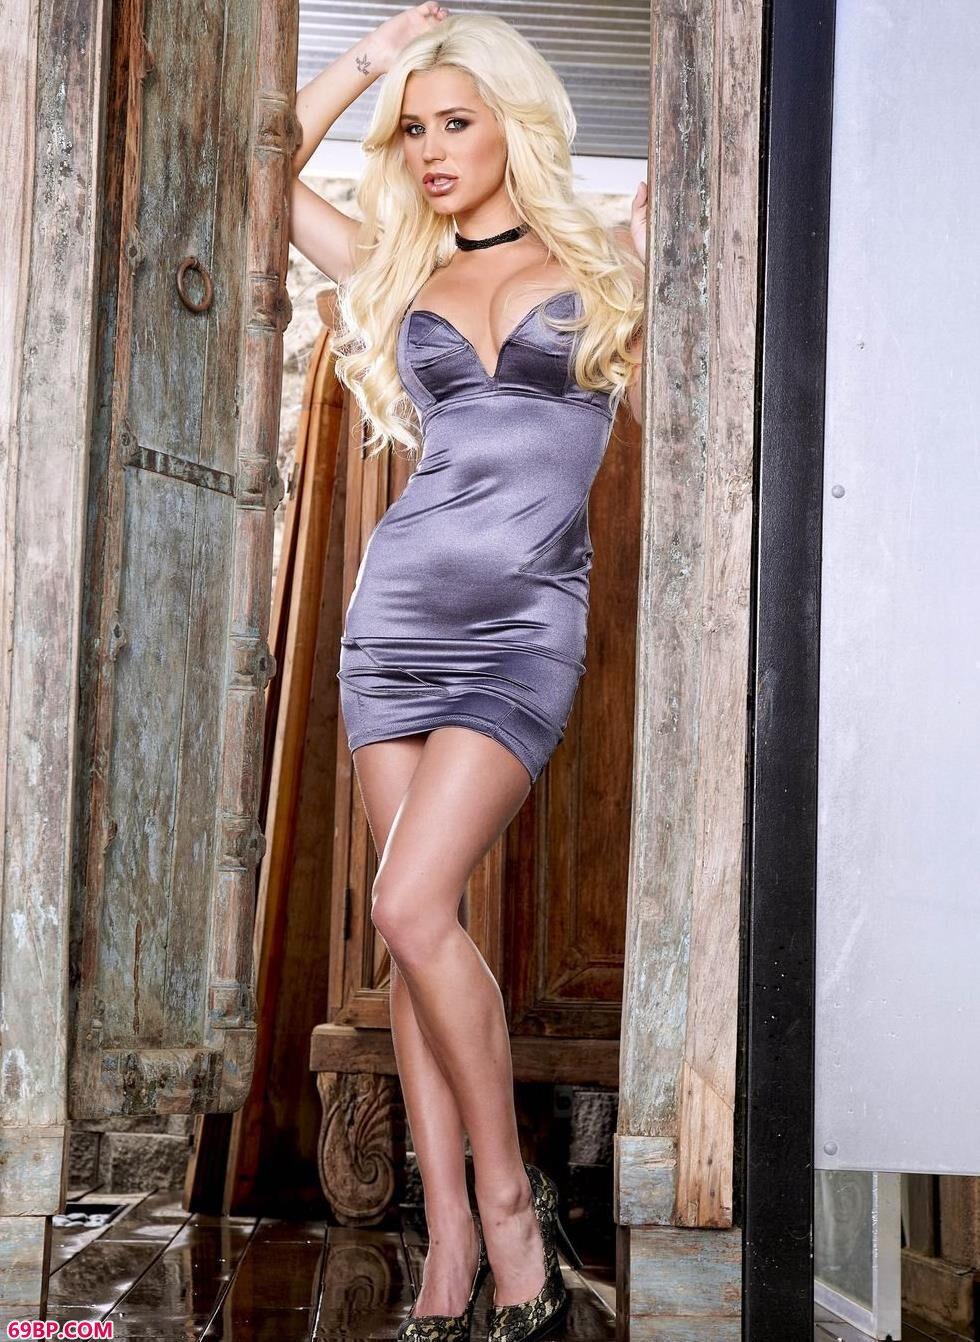 超模Scott老房子里的丰腴人体_美女人体艺术网